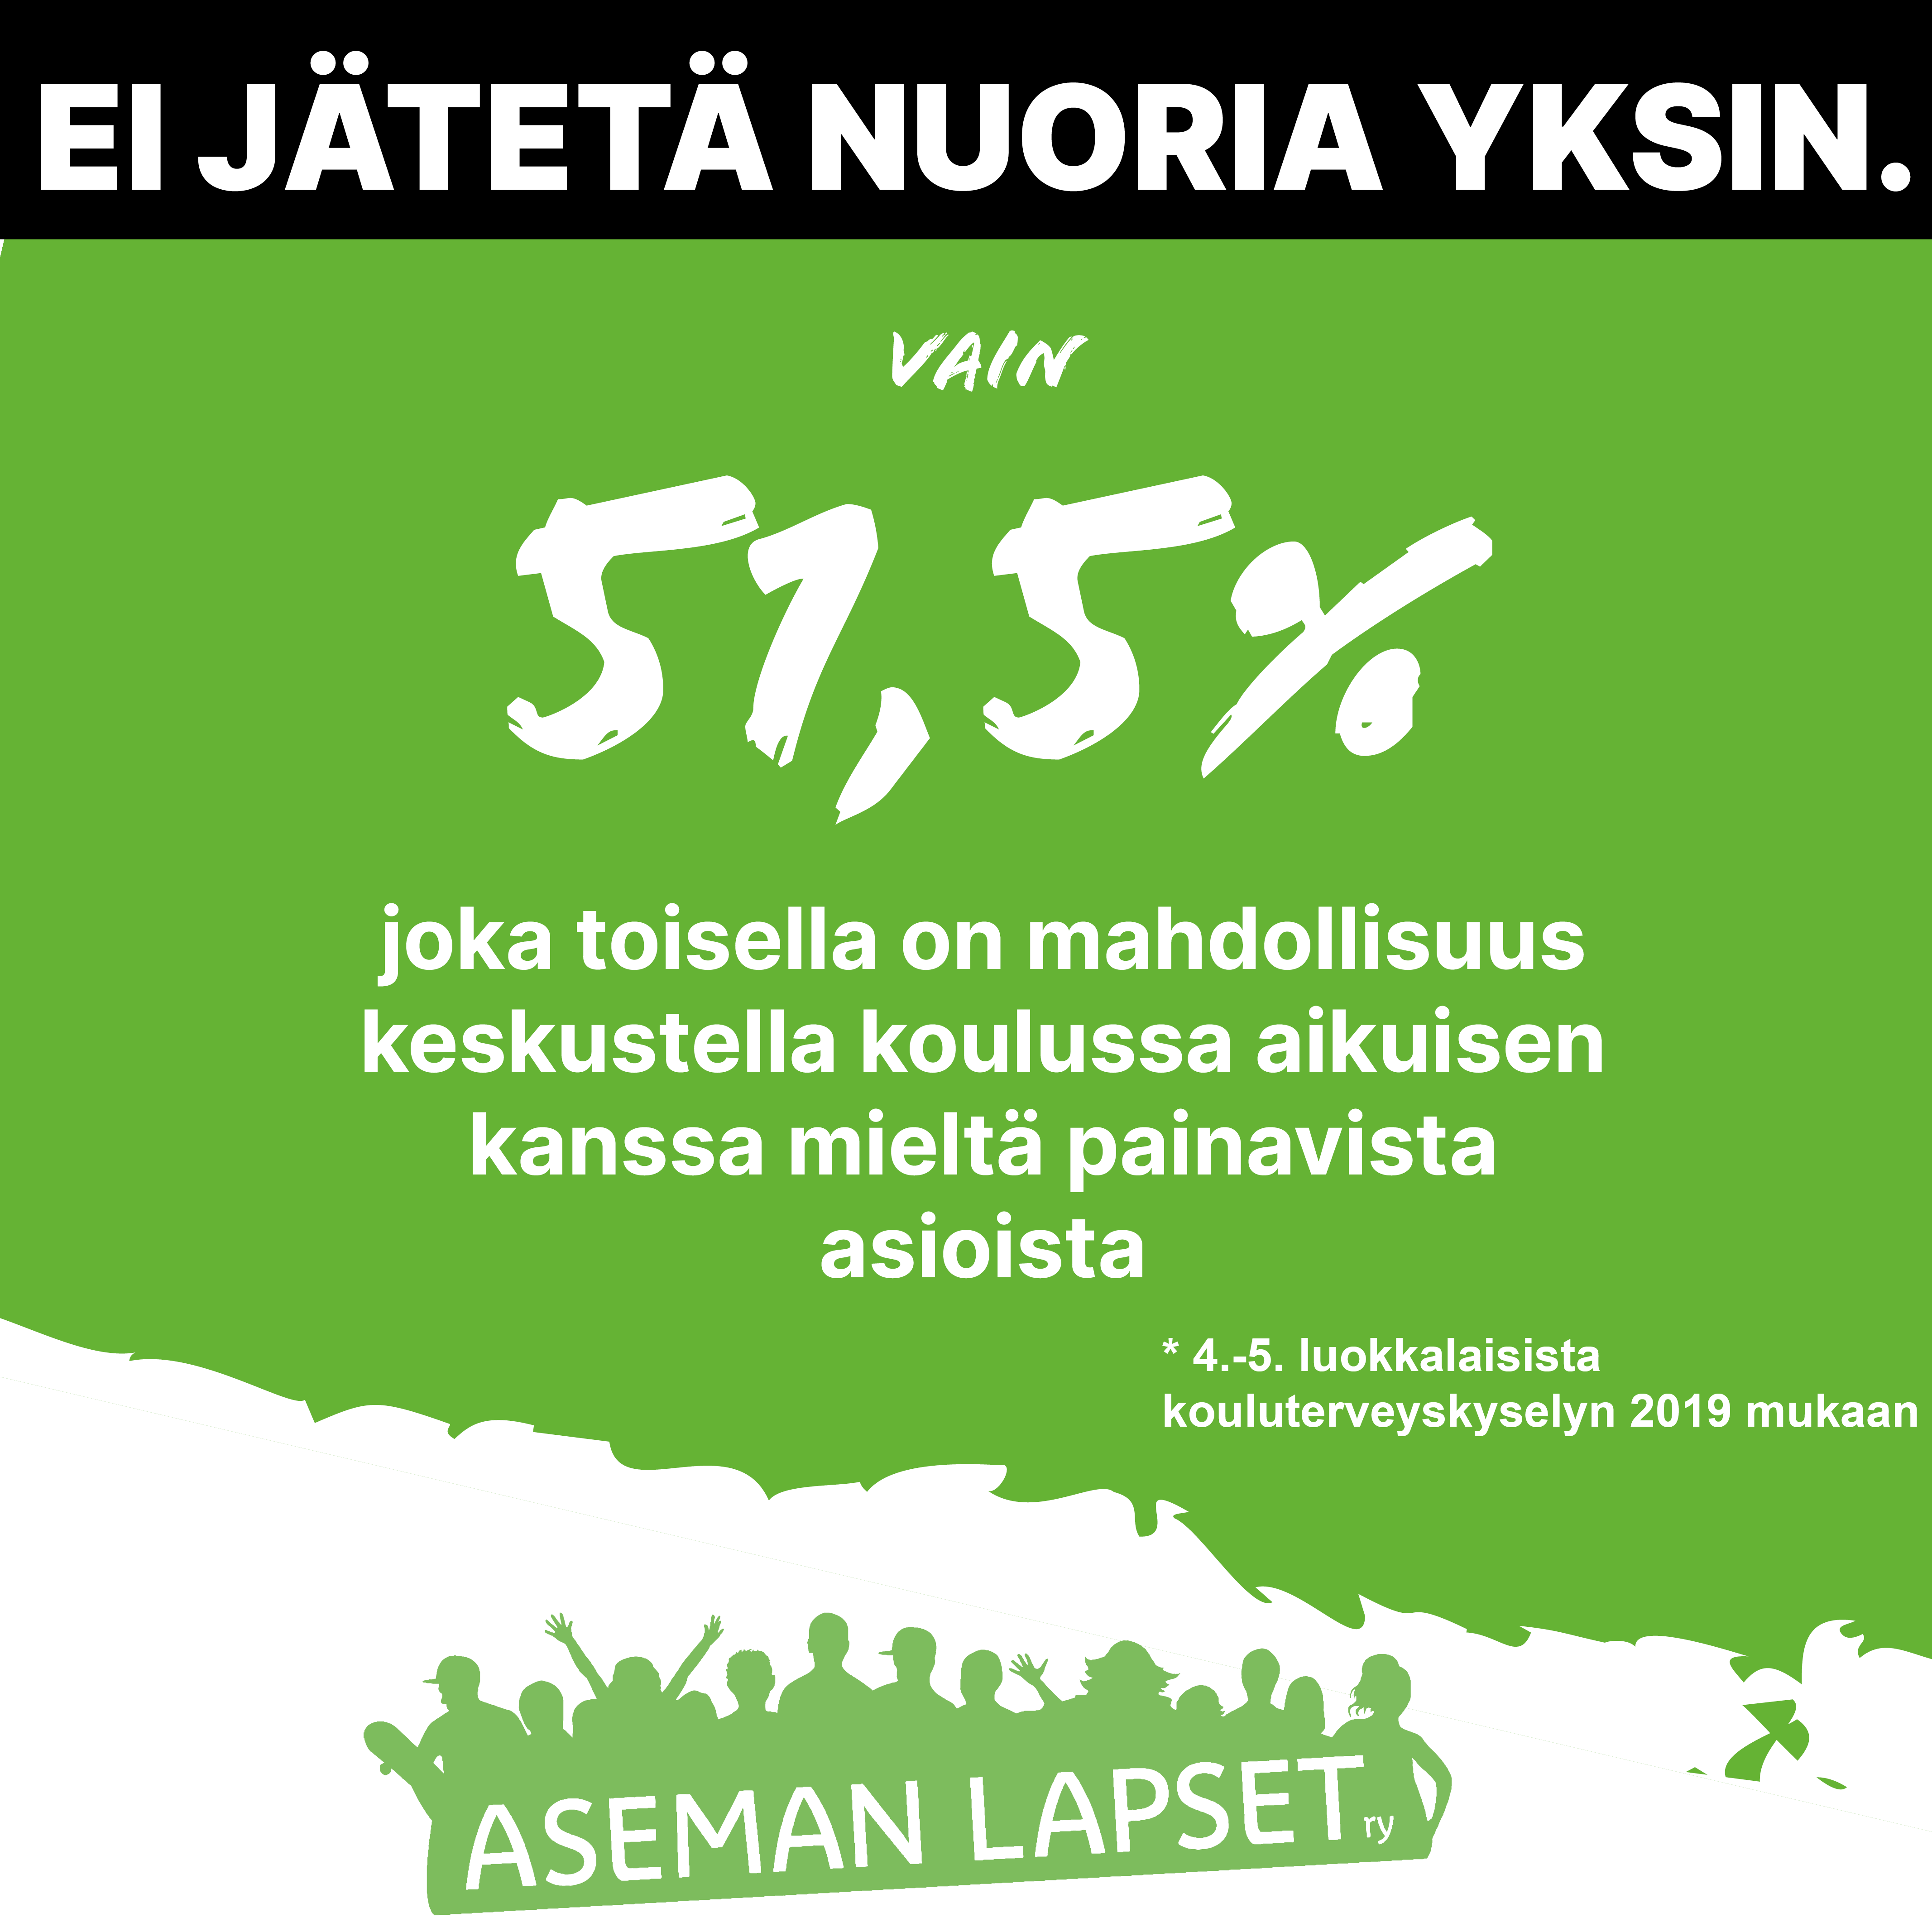 Teksti vihreällä pohjalla: 51,5 prosenttia joka toisella on mahdollisuus keskustella koulussa aikuisen kanssa mieltä painavista asioista.